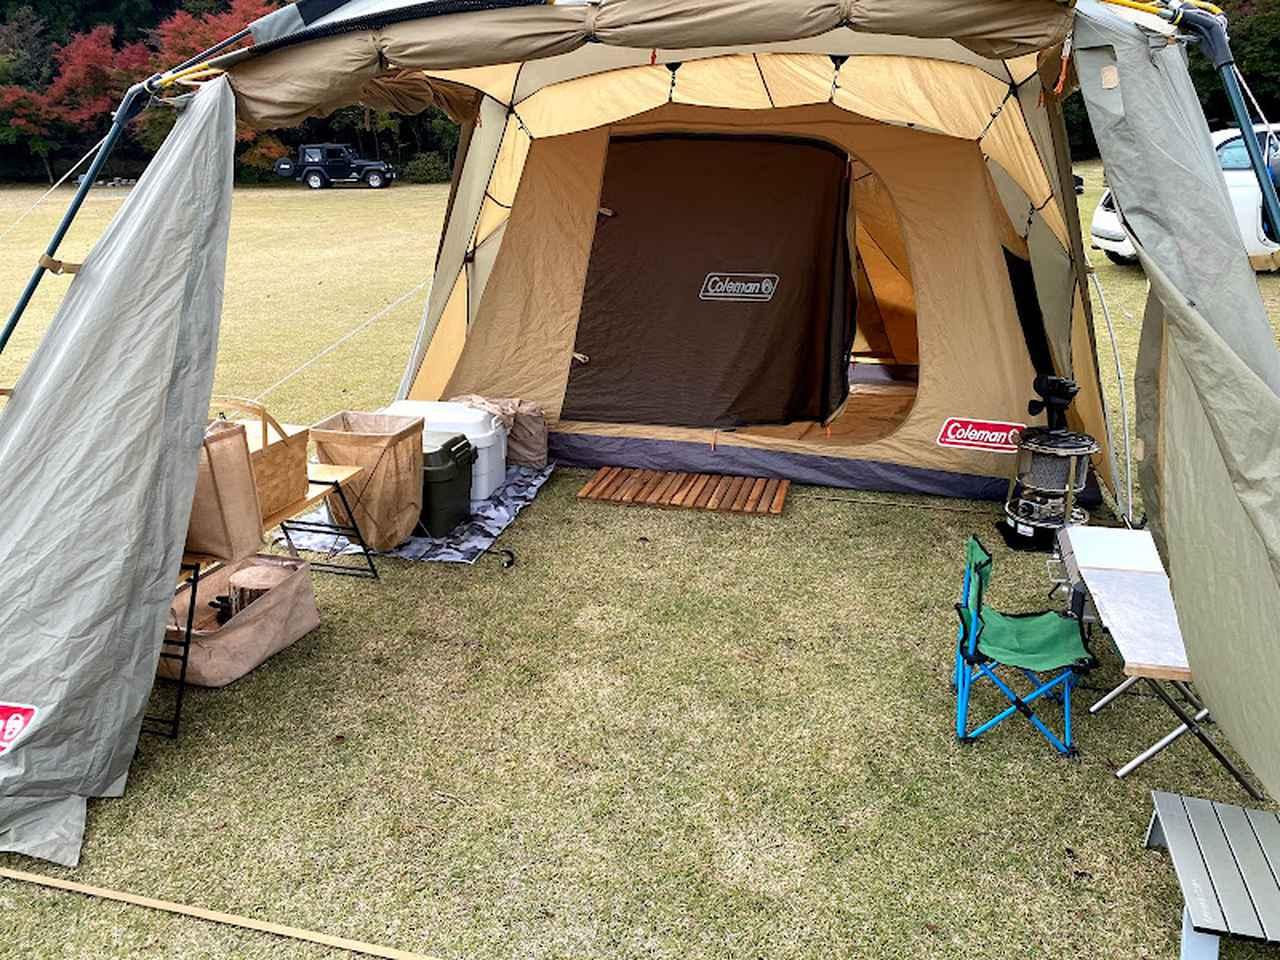 画像: 著者撮影。キャンプ初心者の頃に購入したコールマンのツールームテント。